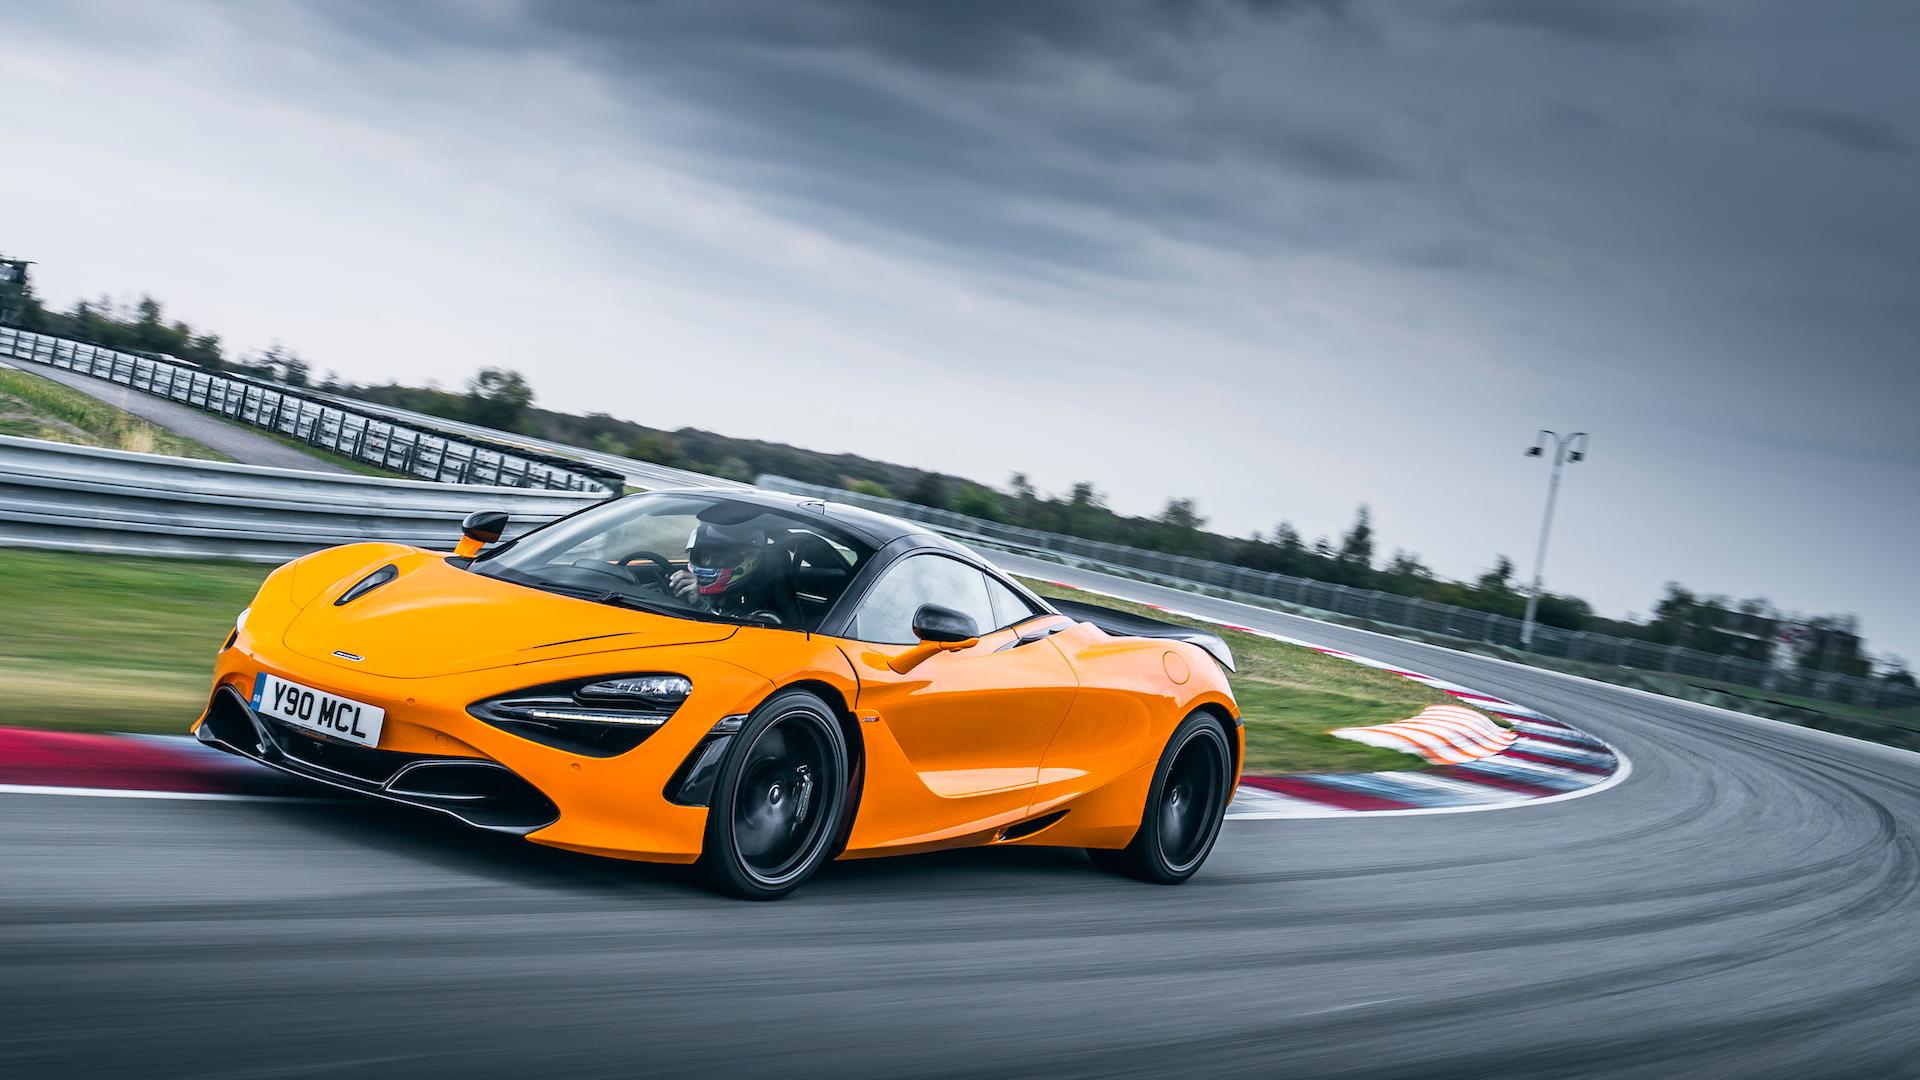 2019 McLaren 720S Track Pack